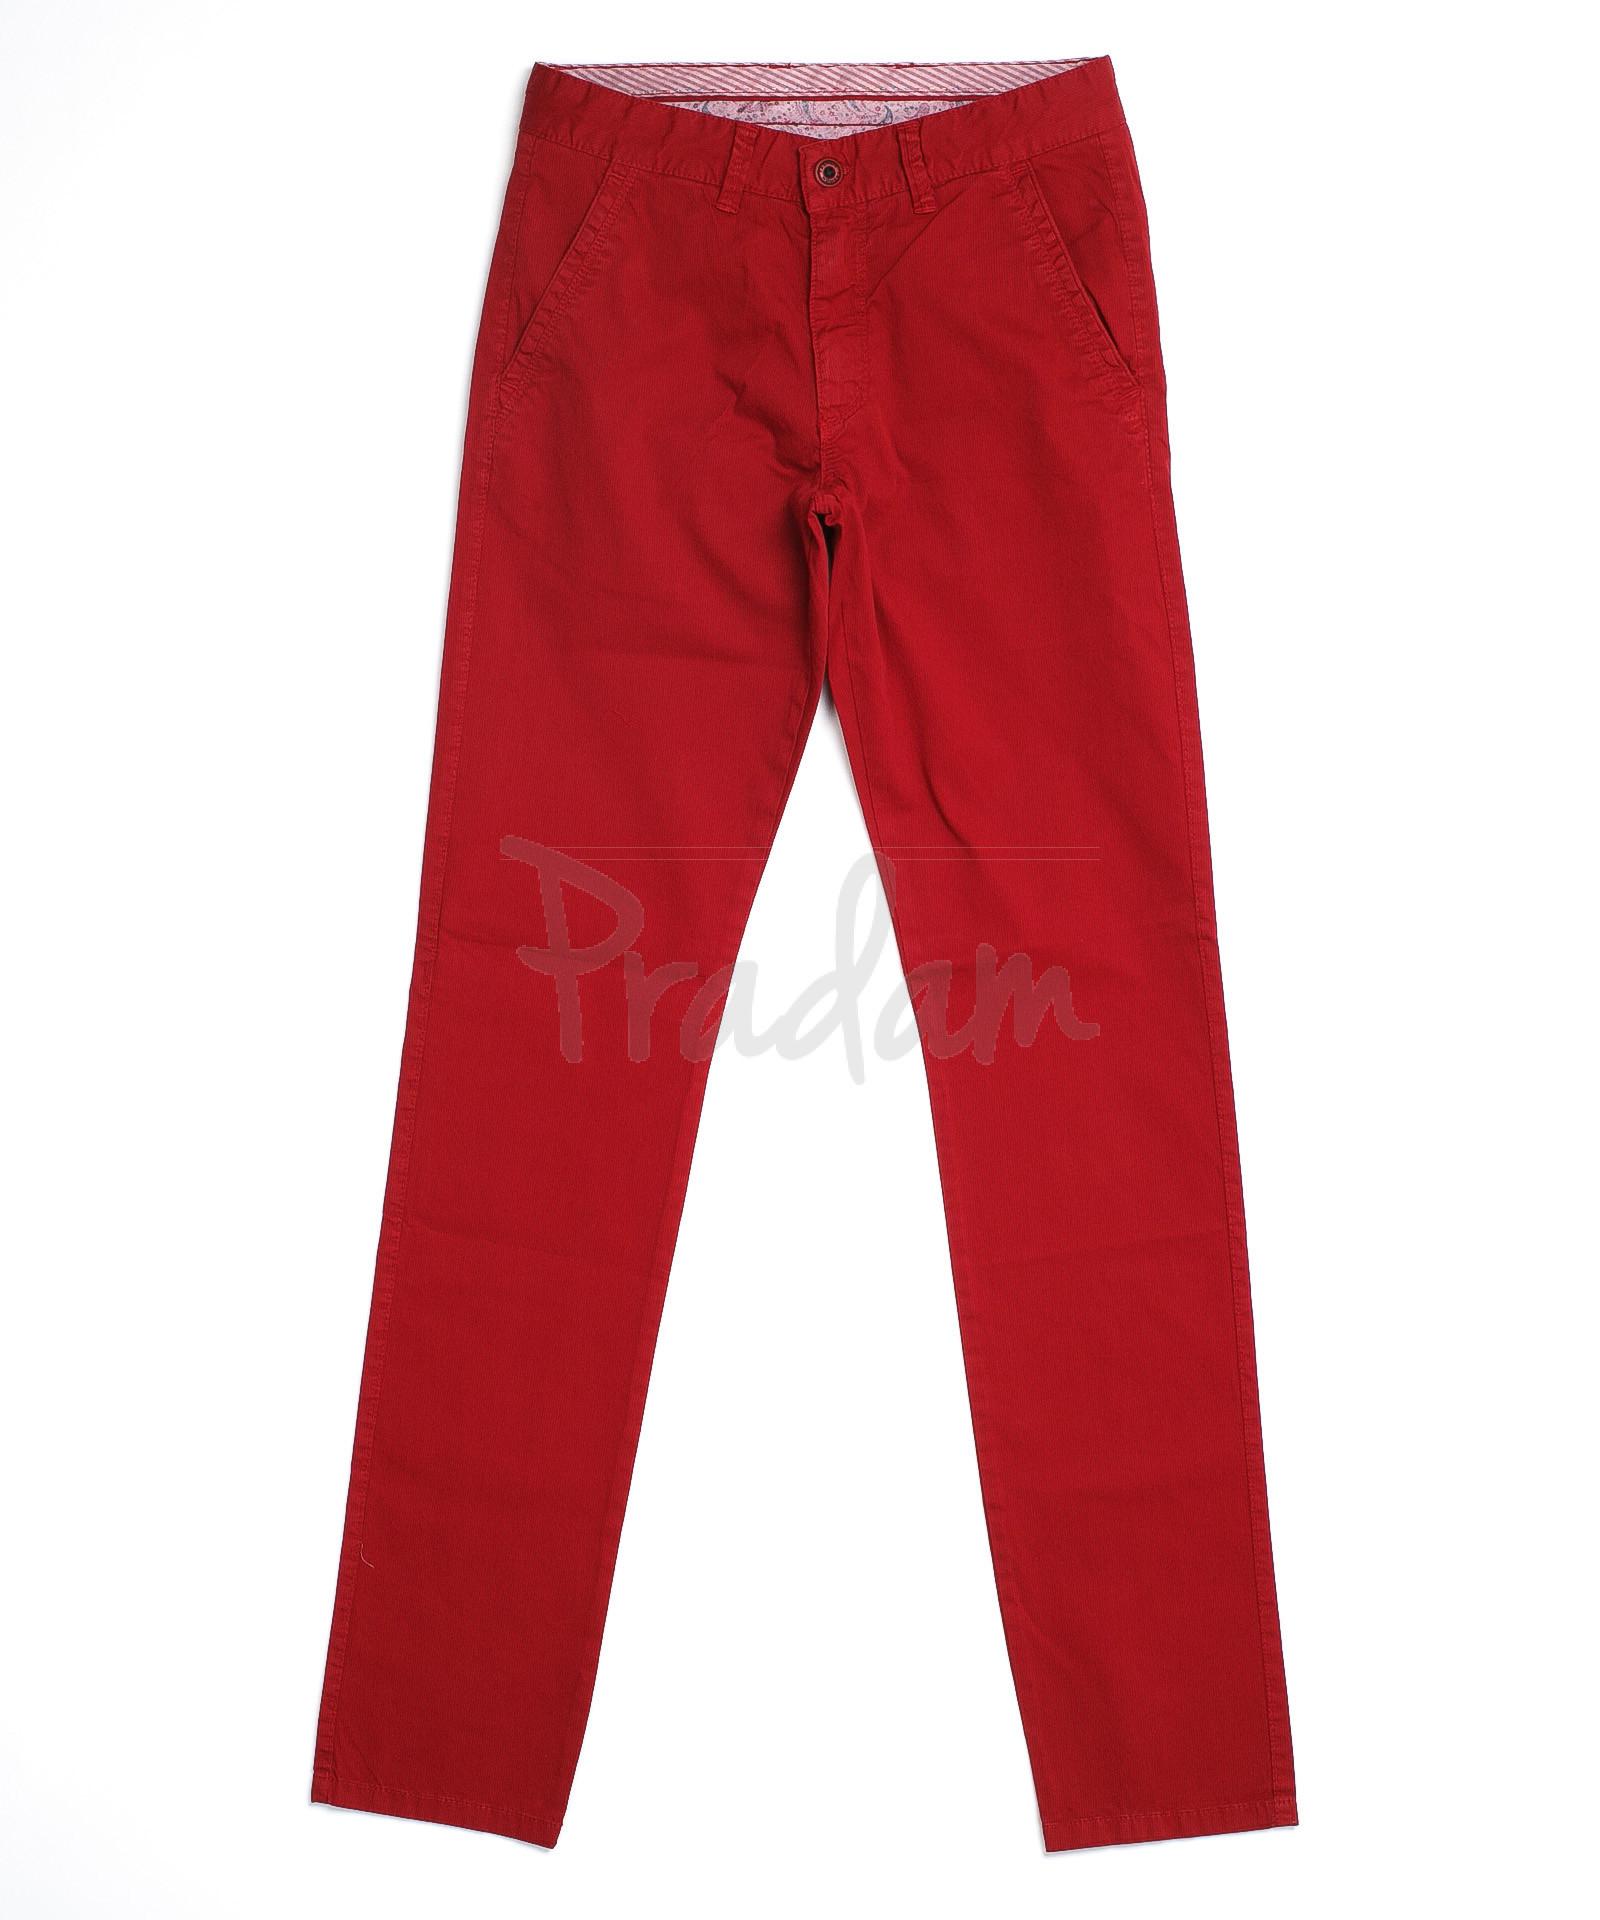 e3056d12bf7 Красные брюки мужские 10345 (29-38